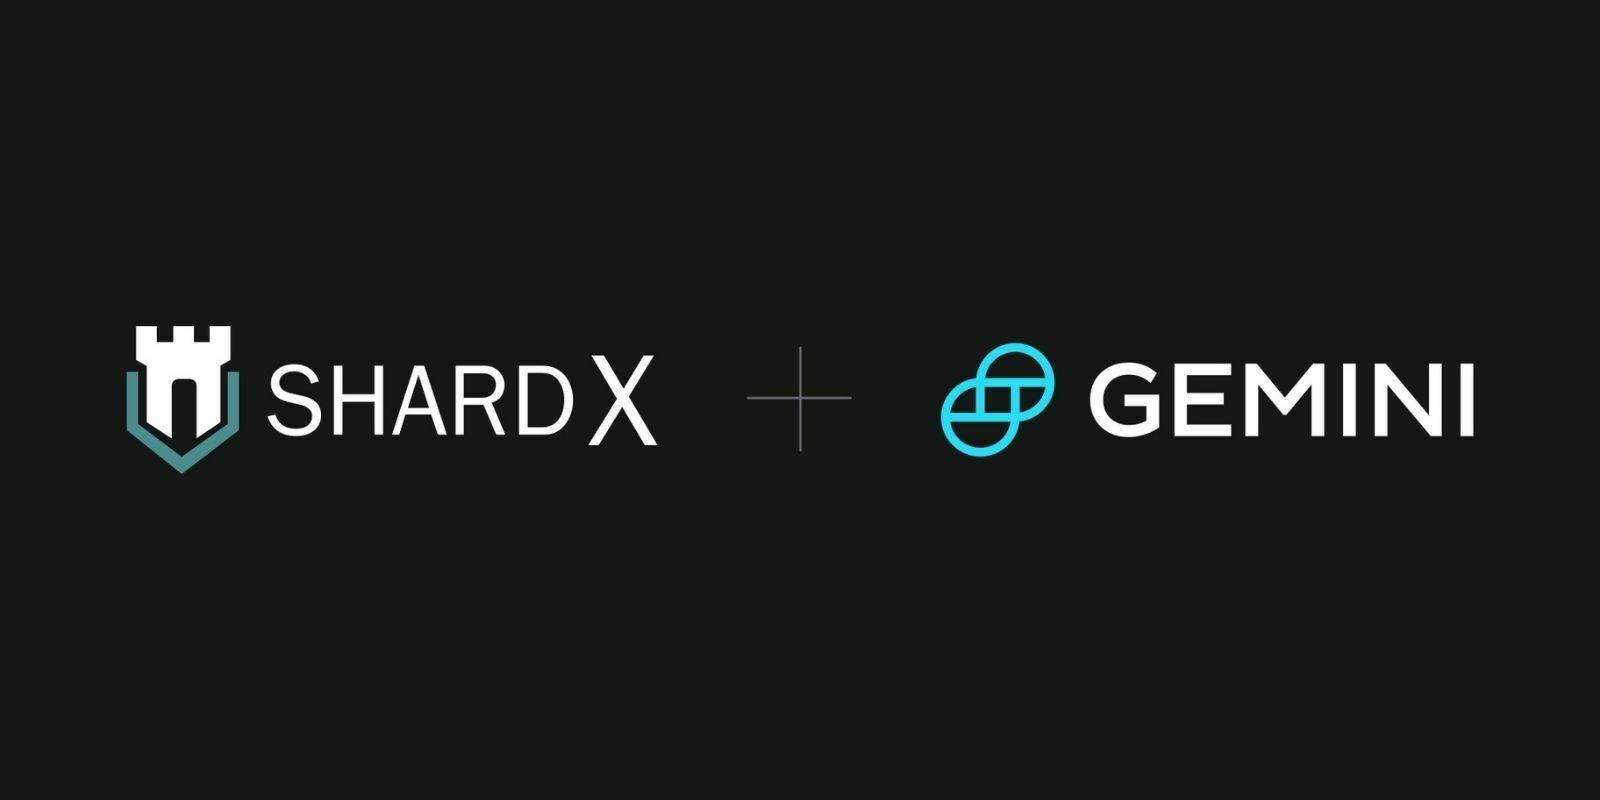 Gemini fait l'acquisition de la startup Shard X spécialisée dans la garde de cryptomonnaies